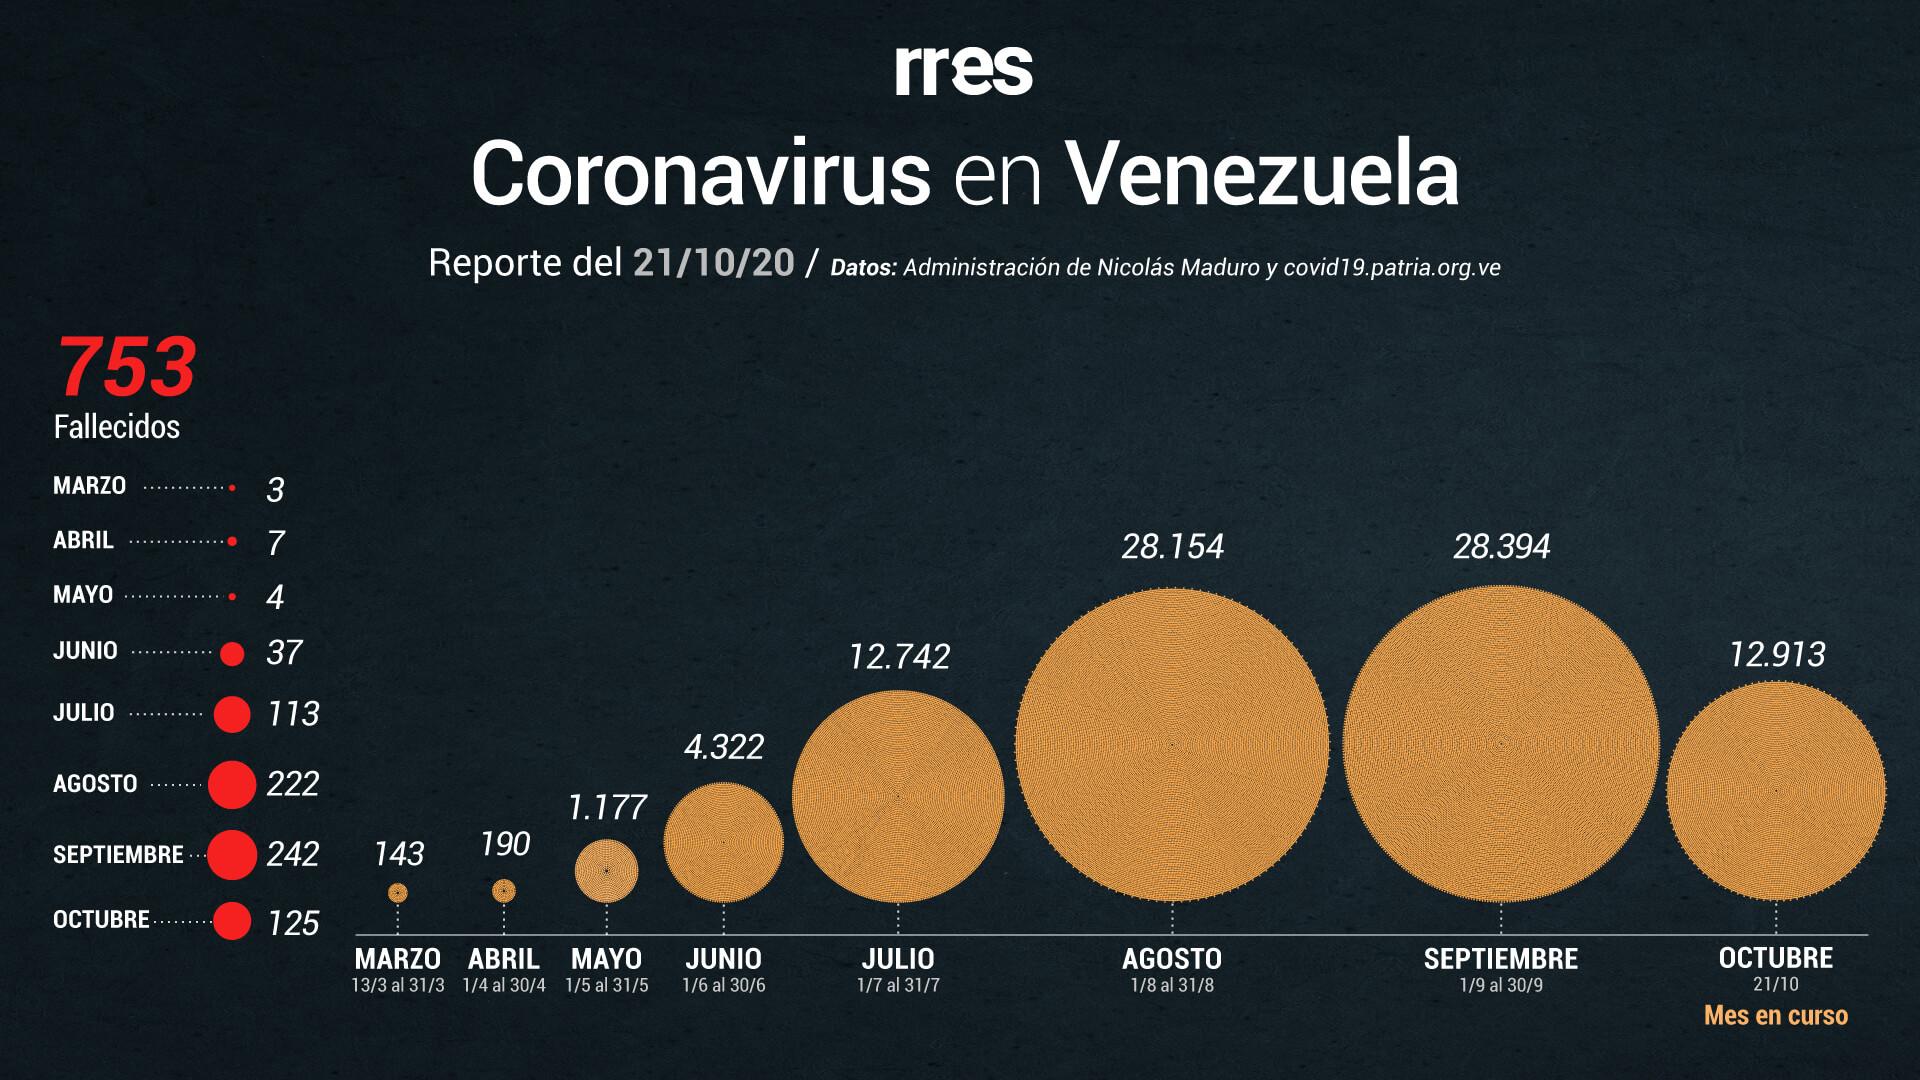 Venezuela registra otros 6 fallecimientos por COVID-19 y 391 nuevos casos este #21Oct